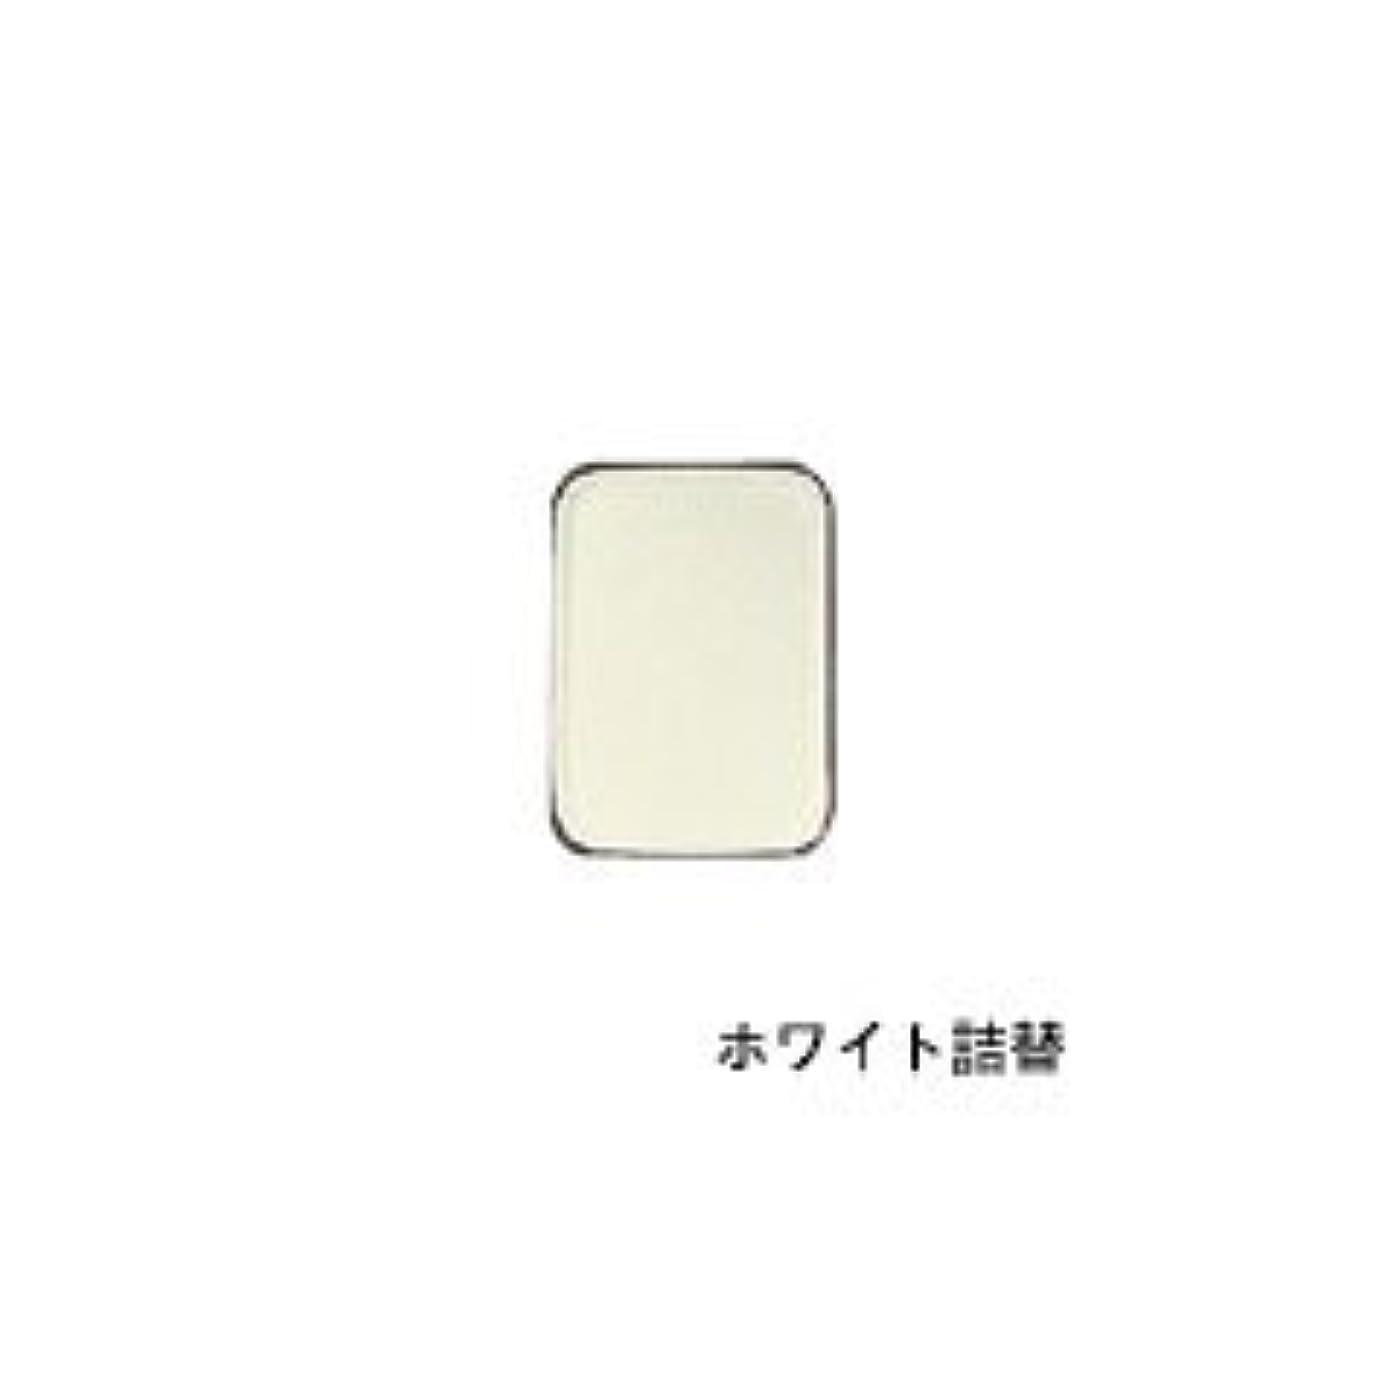 偽善一口謎リマナチュラル ピュアアイカラー 詰替用 ホワイト×2個       JAN:4514991230439